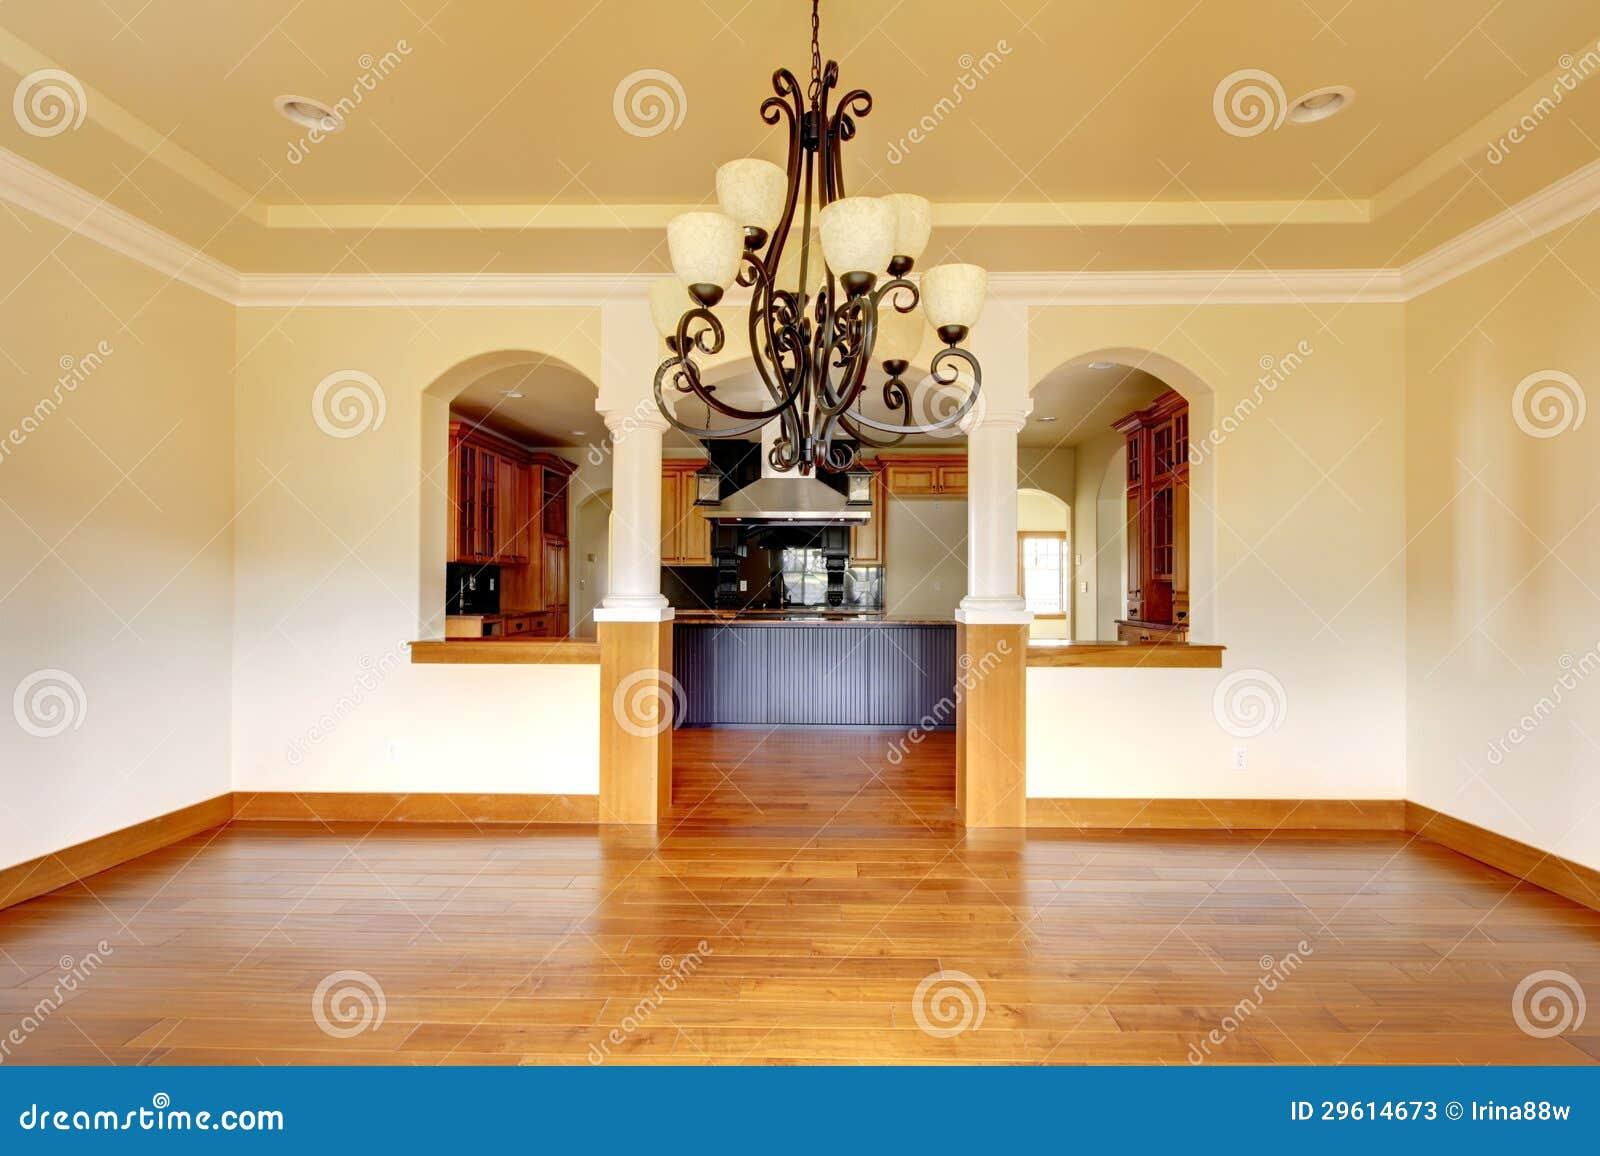 Grande interior luxuoso da sala de jantar com cozinha e - Arcos de ladrillo rustico ...